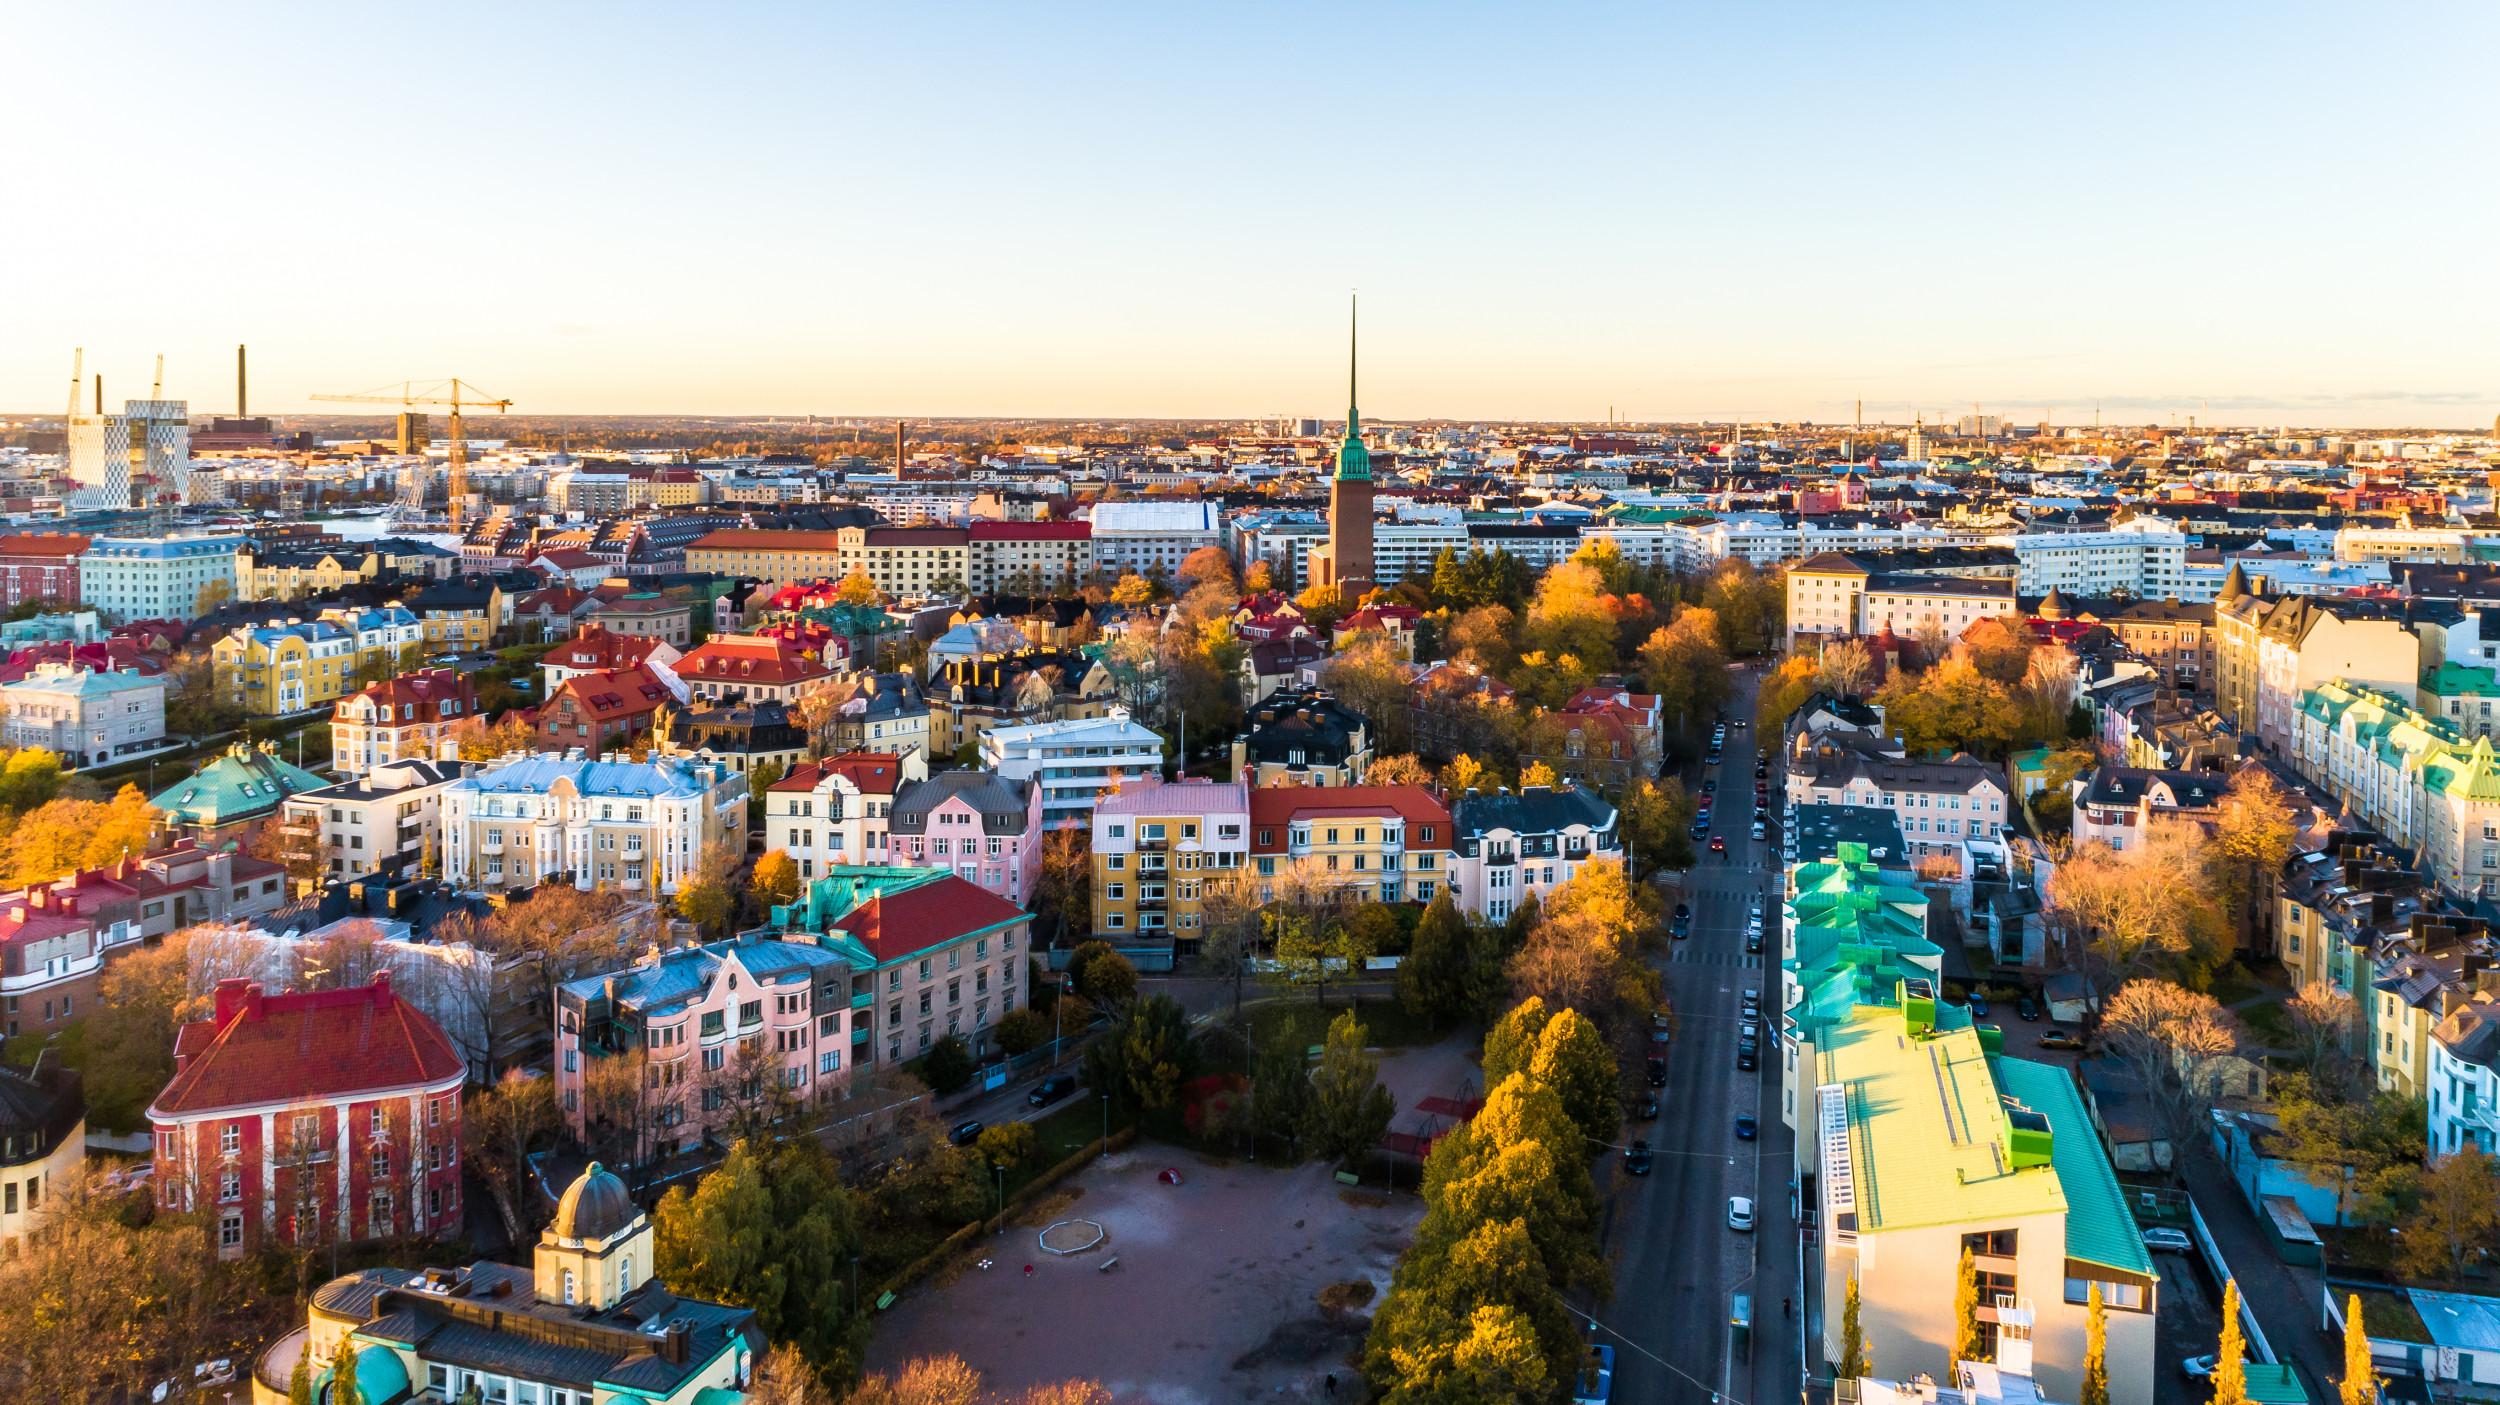 FE_SmartCities_HelsinkiFinland_1061449410